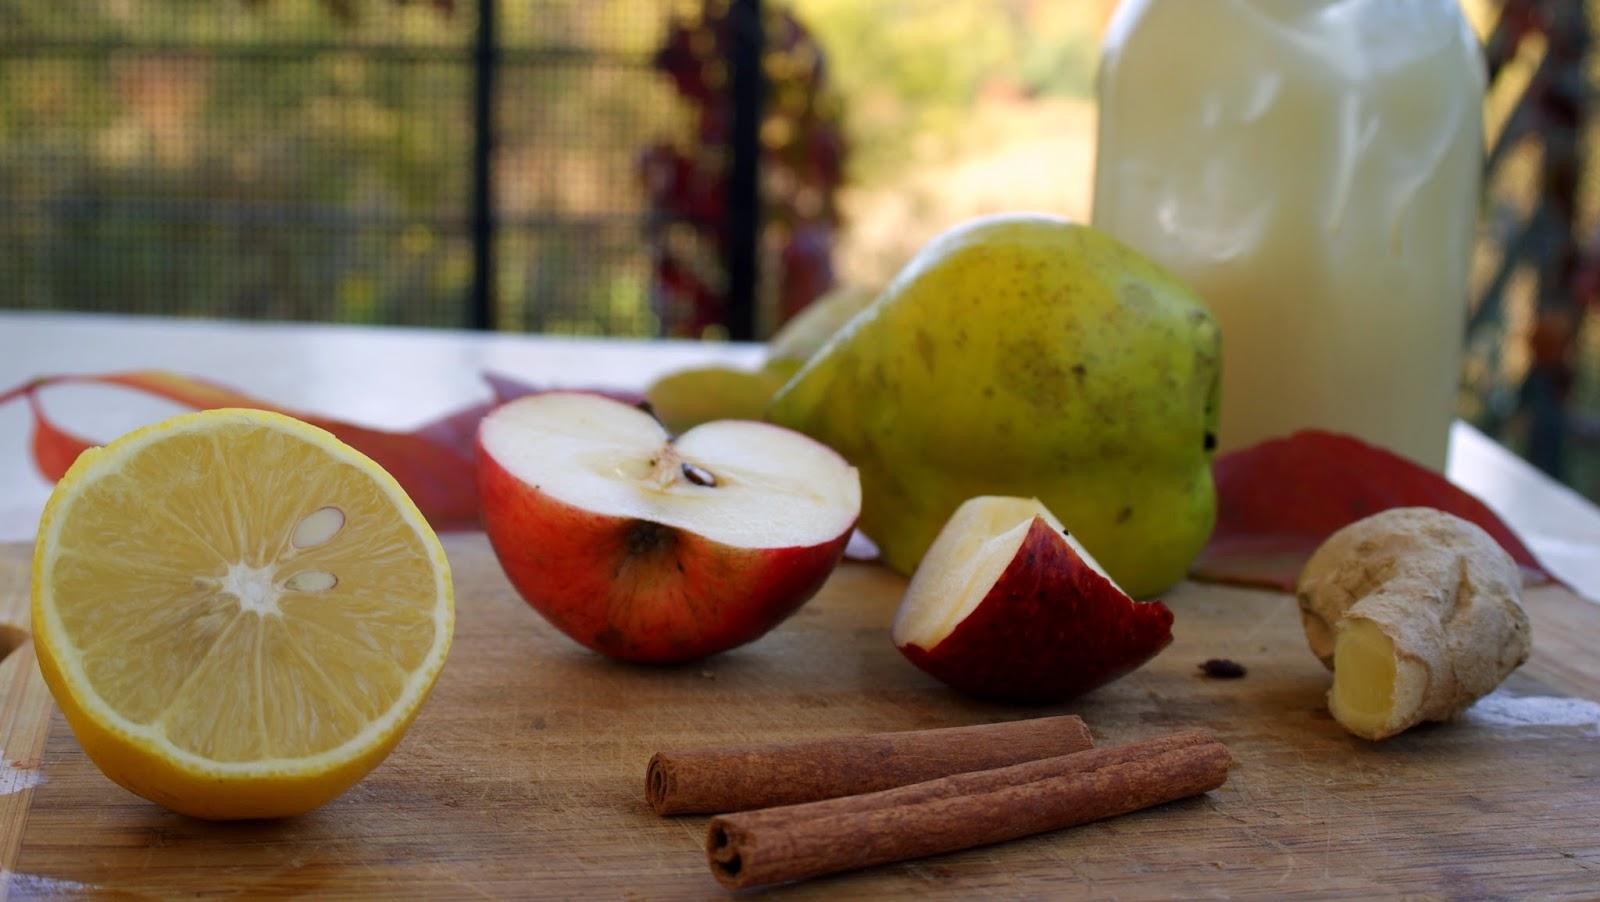 imbir cynamon cytryna miód jabłko  grzaniec